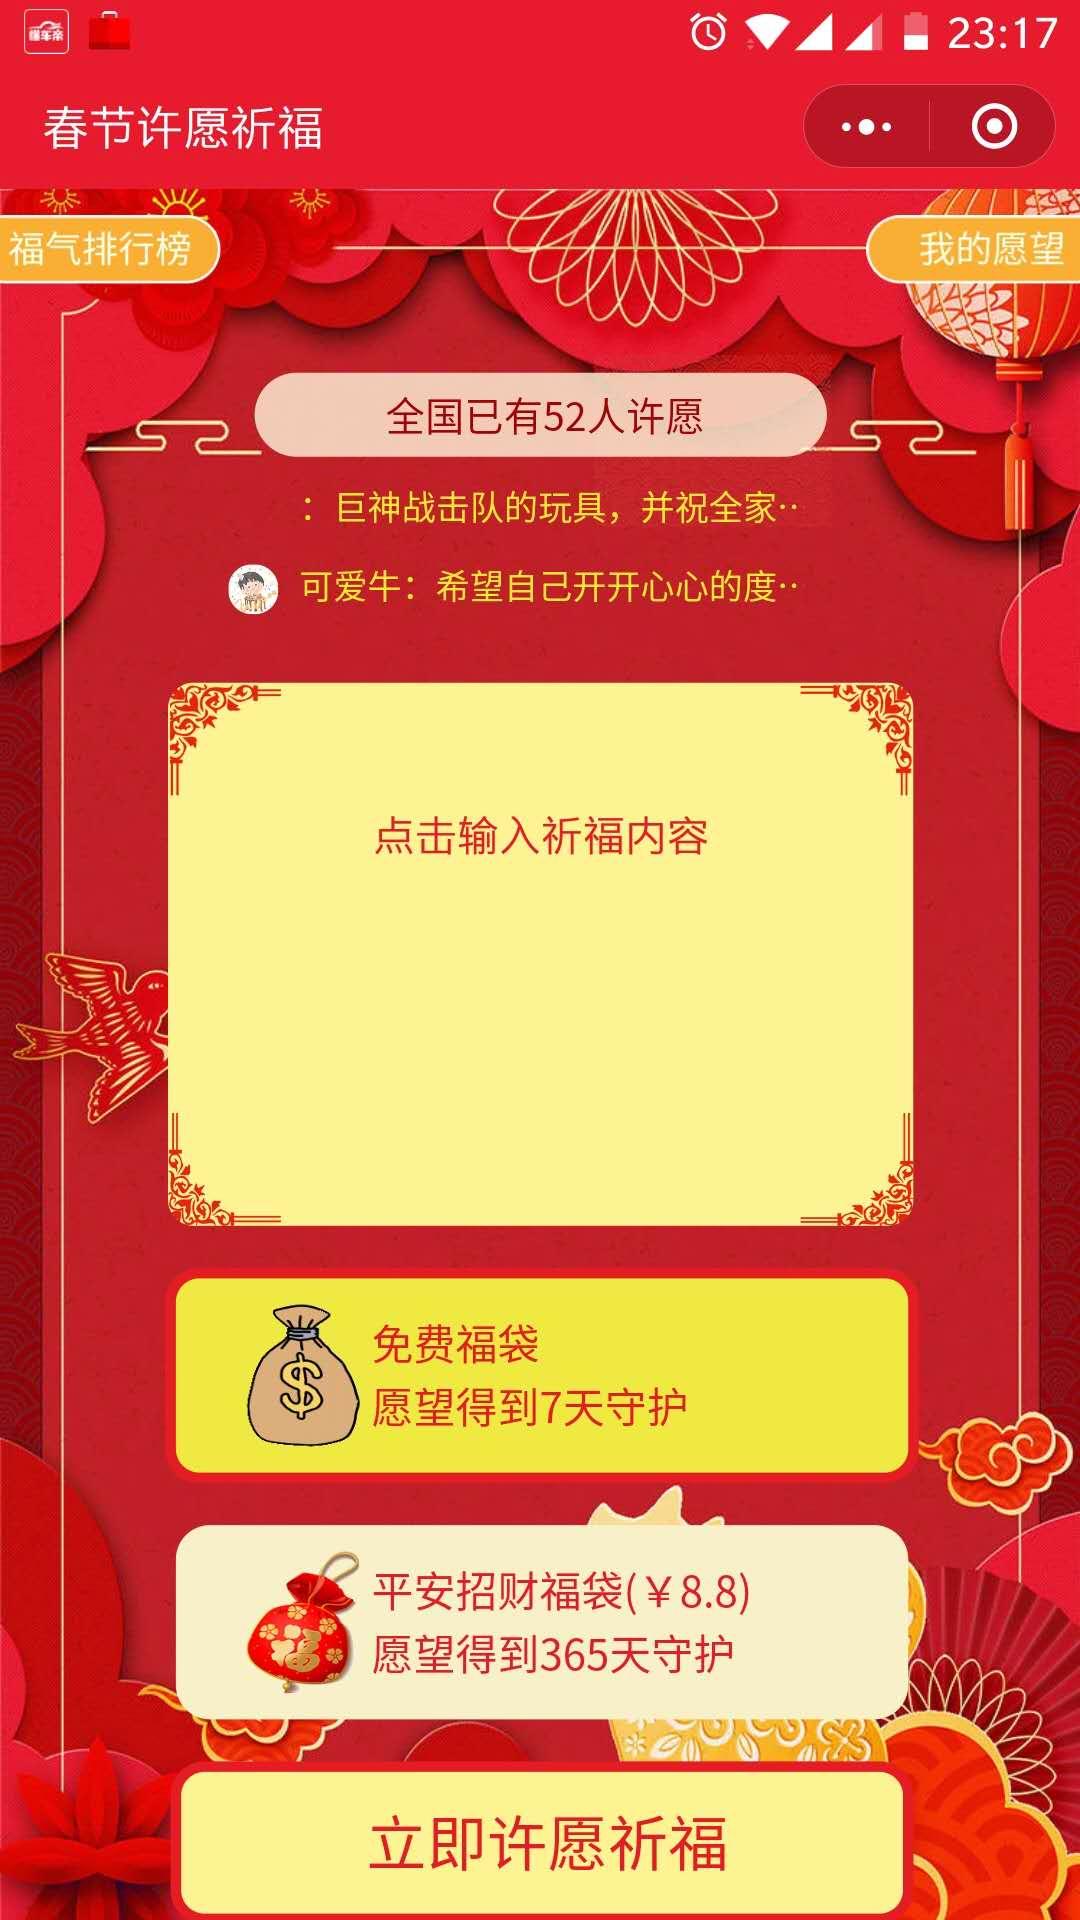 春节许愿祈福小程序截图